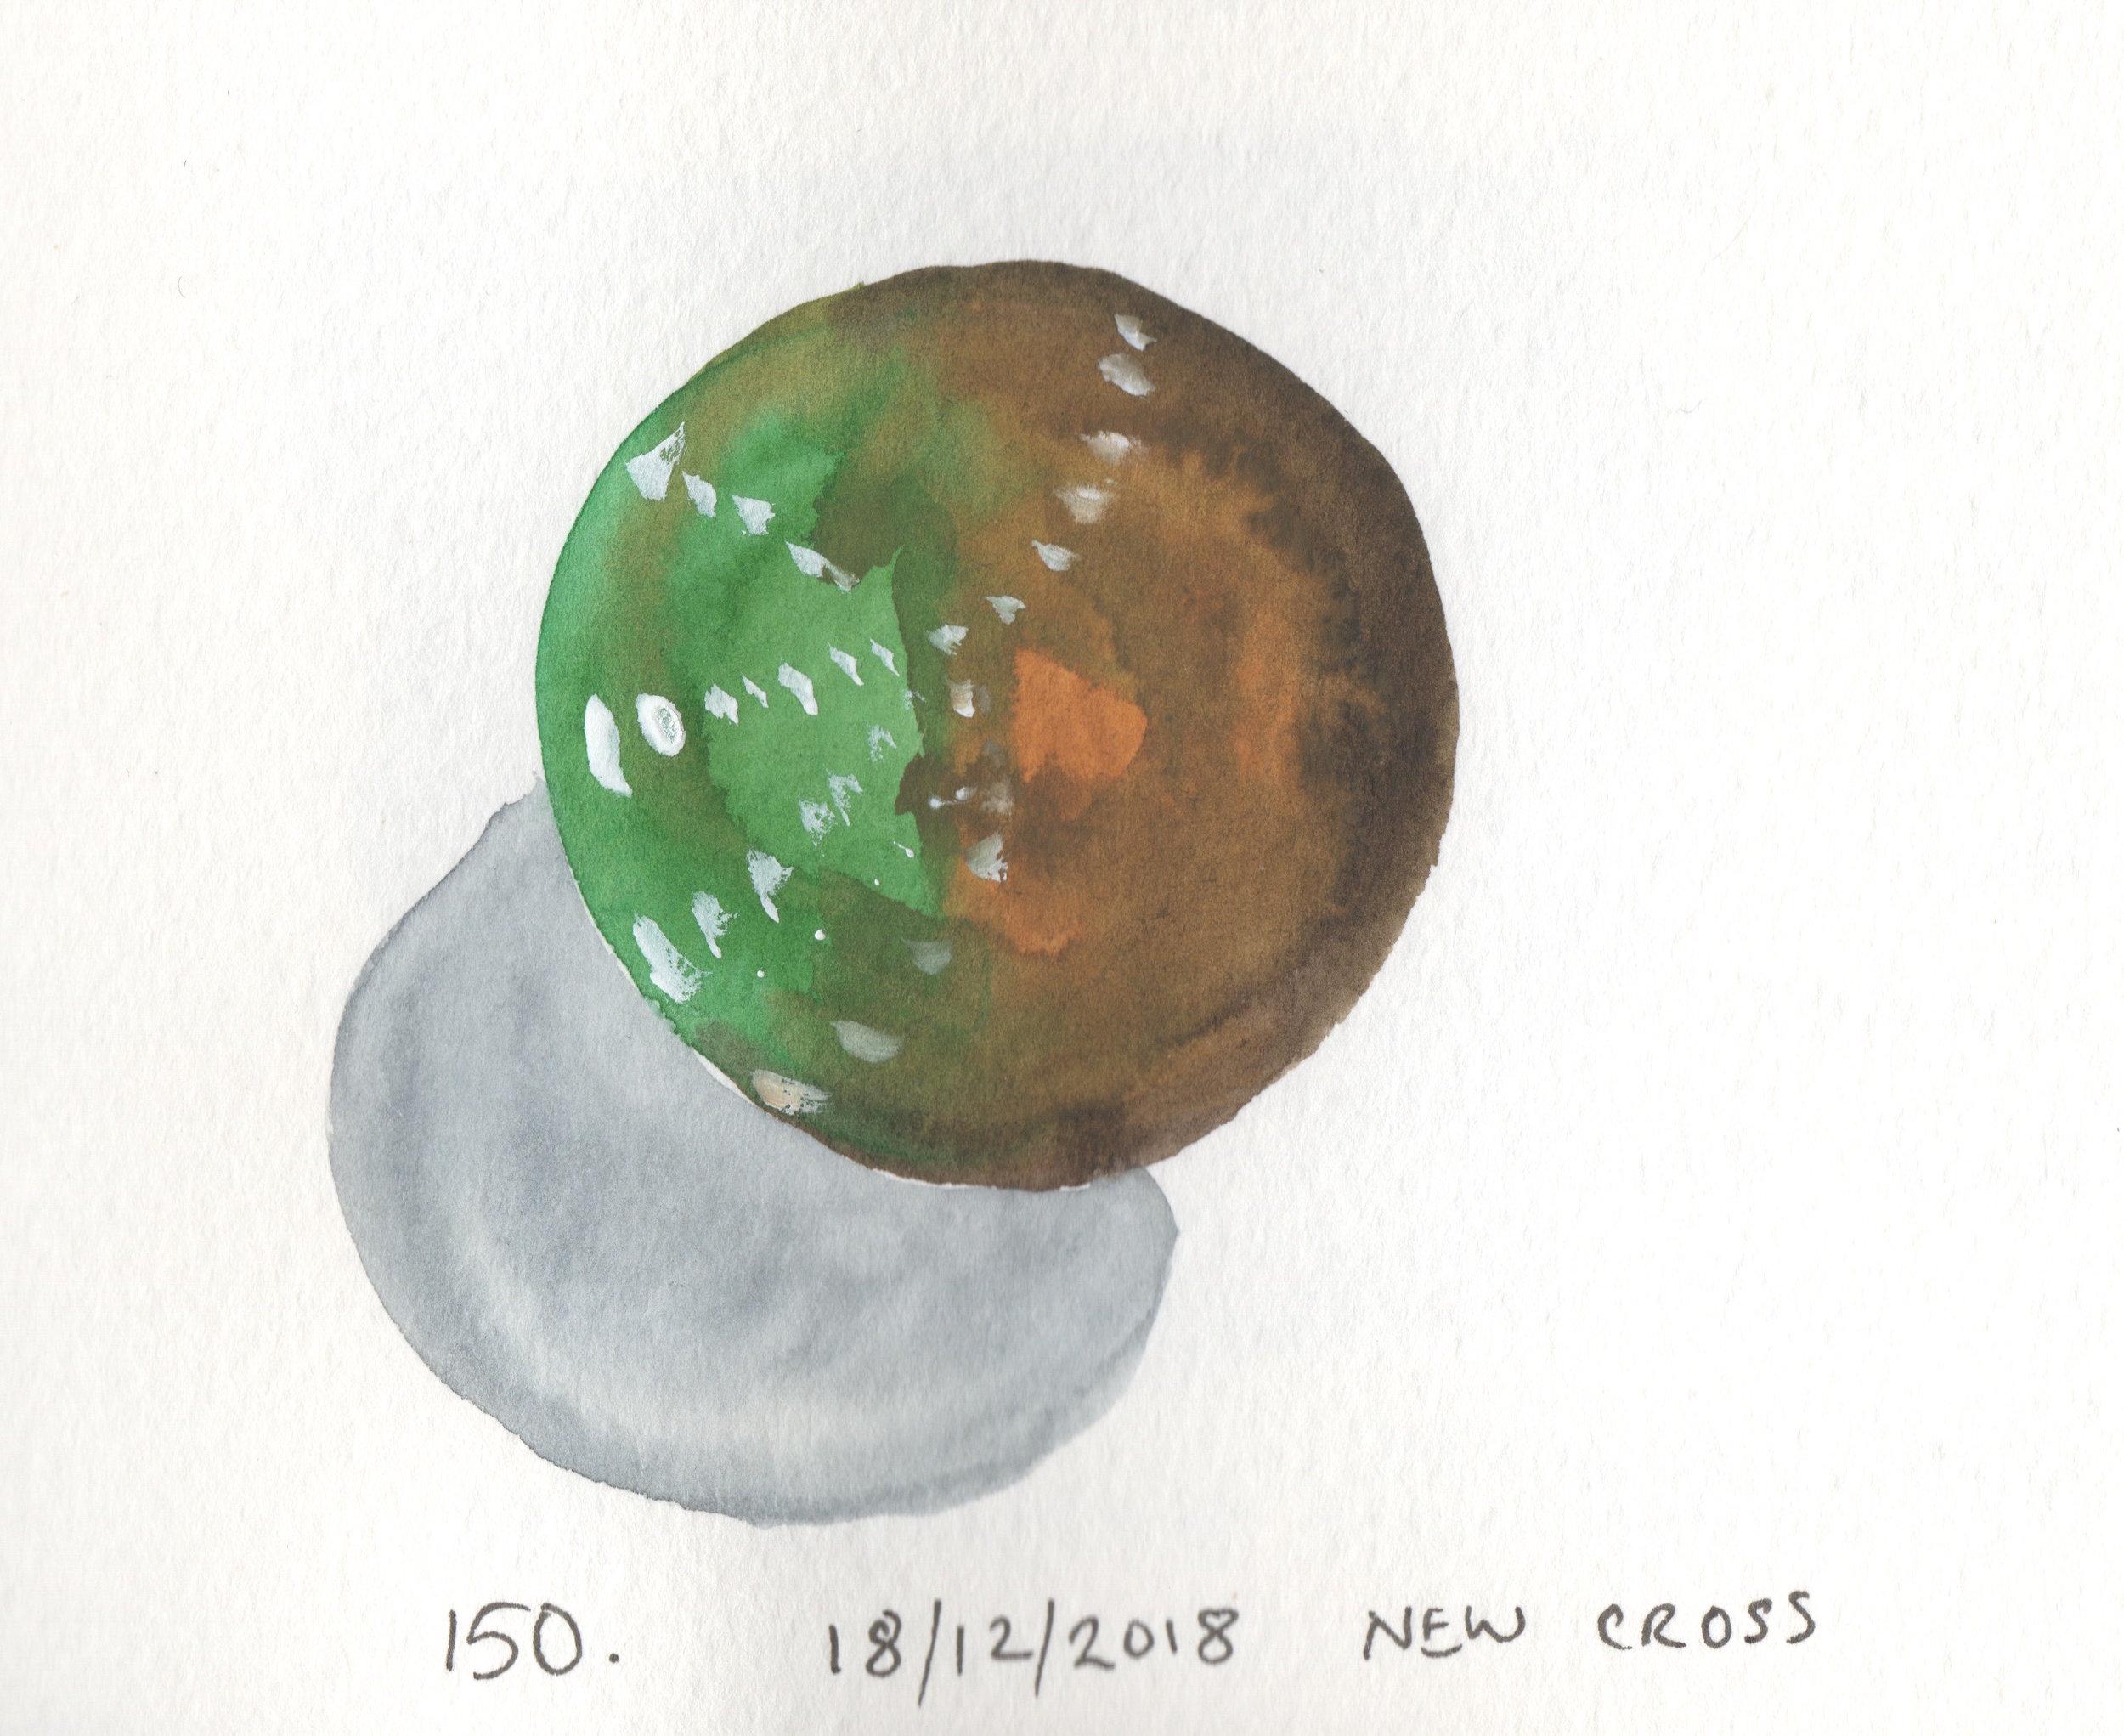 150.jpeg